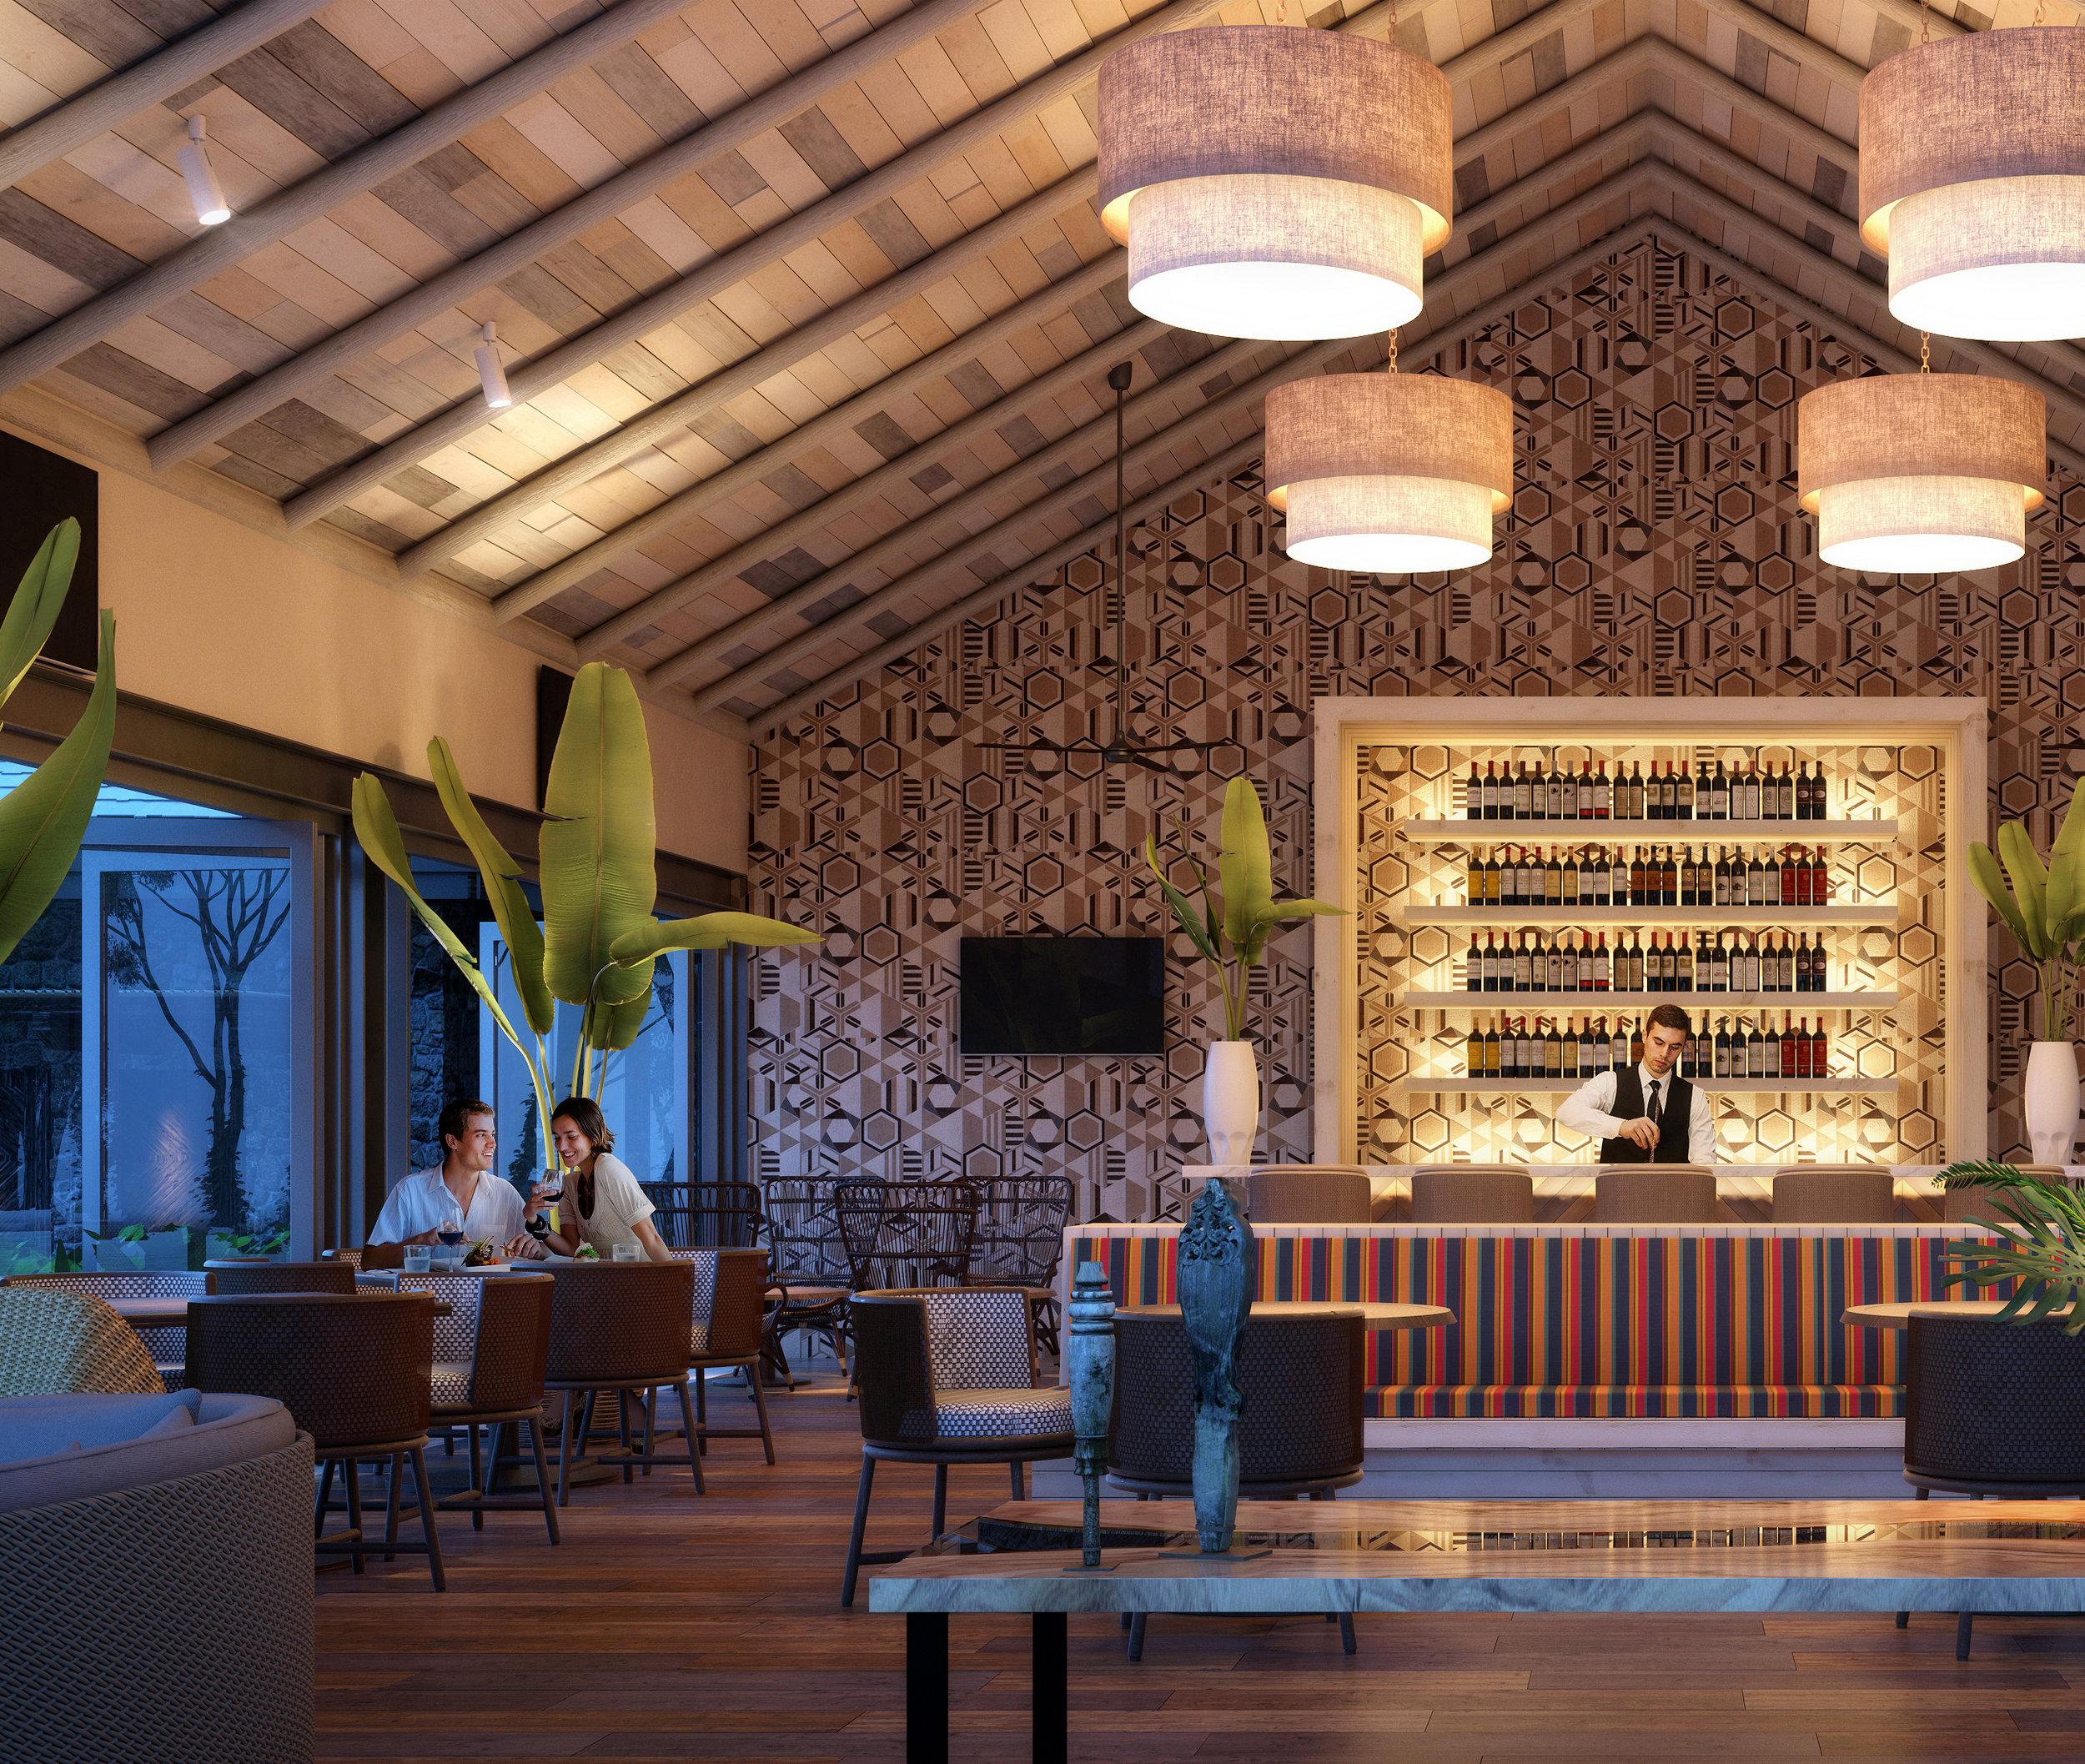 579_Prieta_Beach_club_Cam_04_Restaurante_CROPPED.jpg